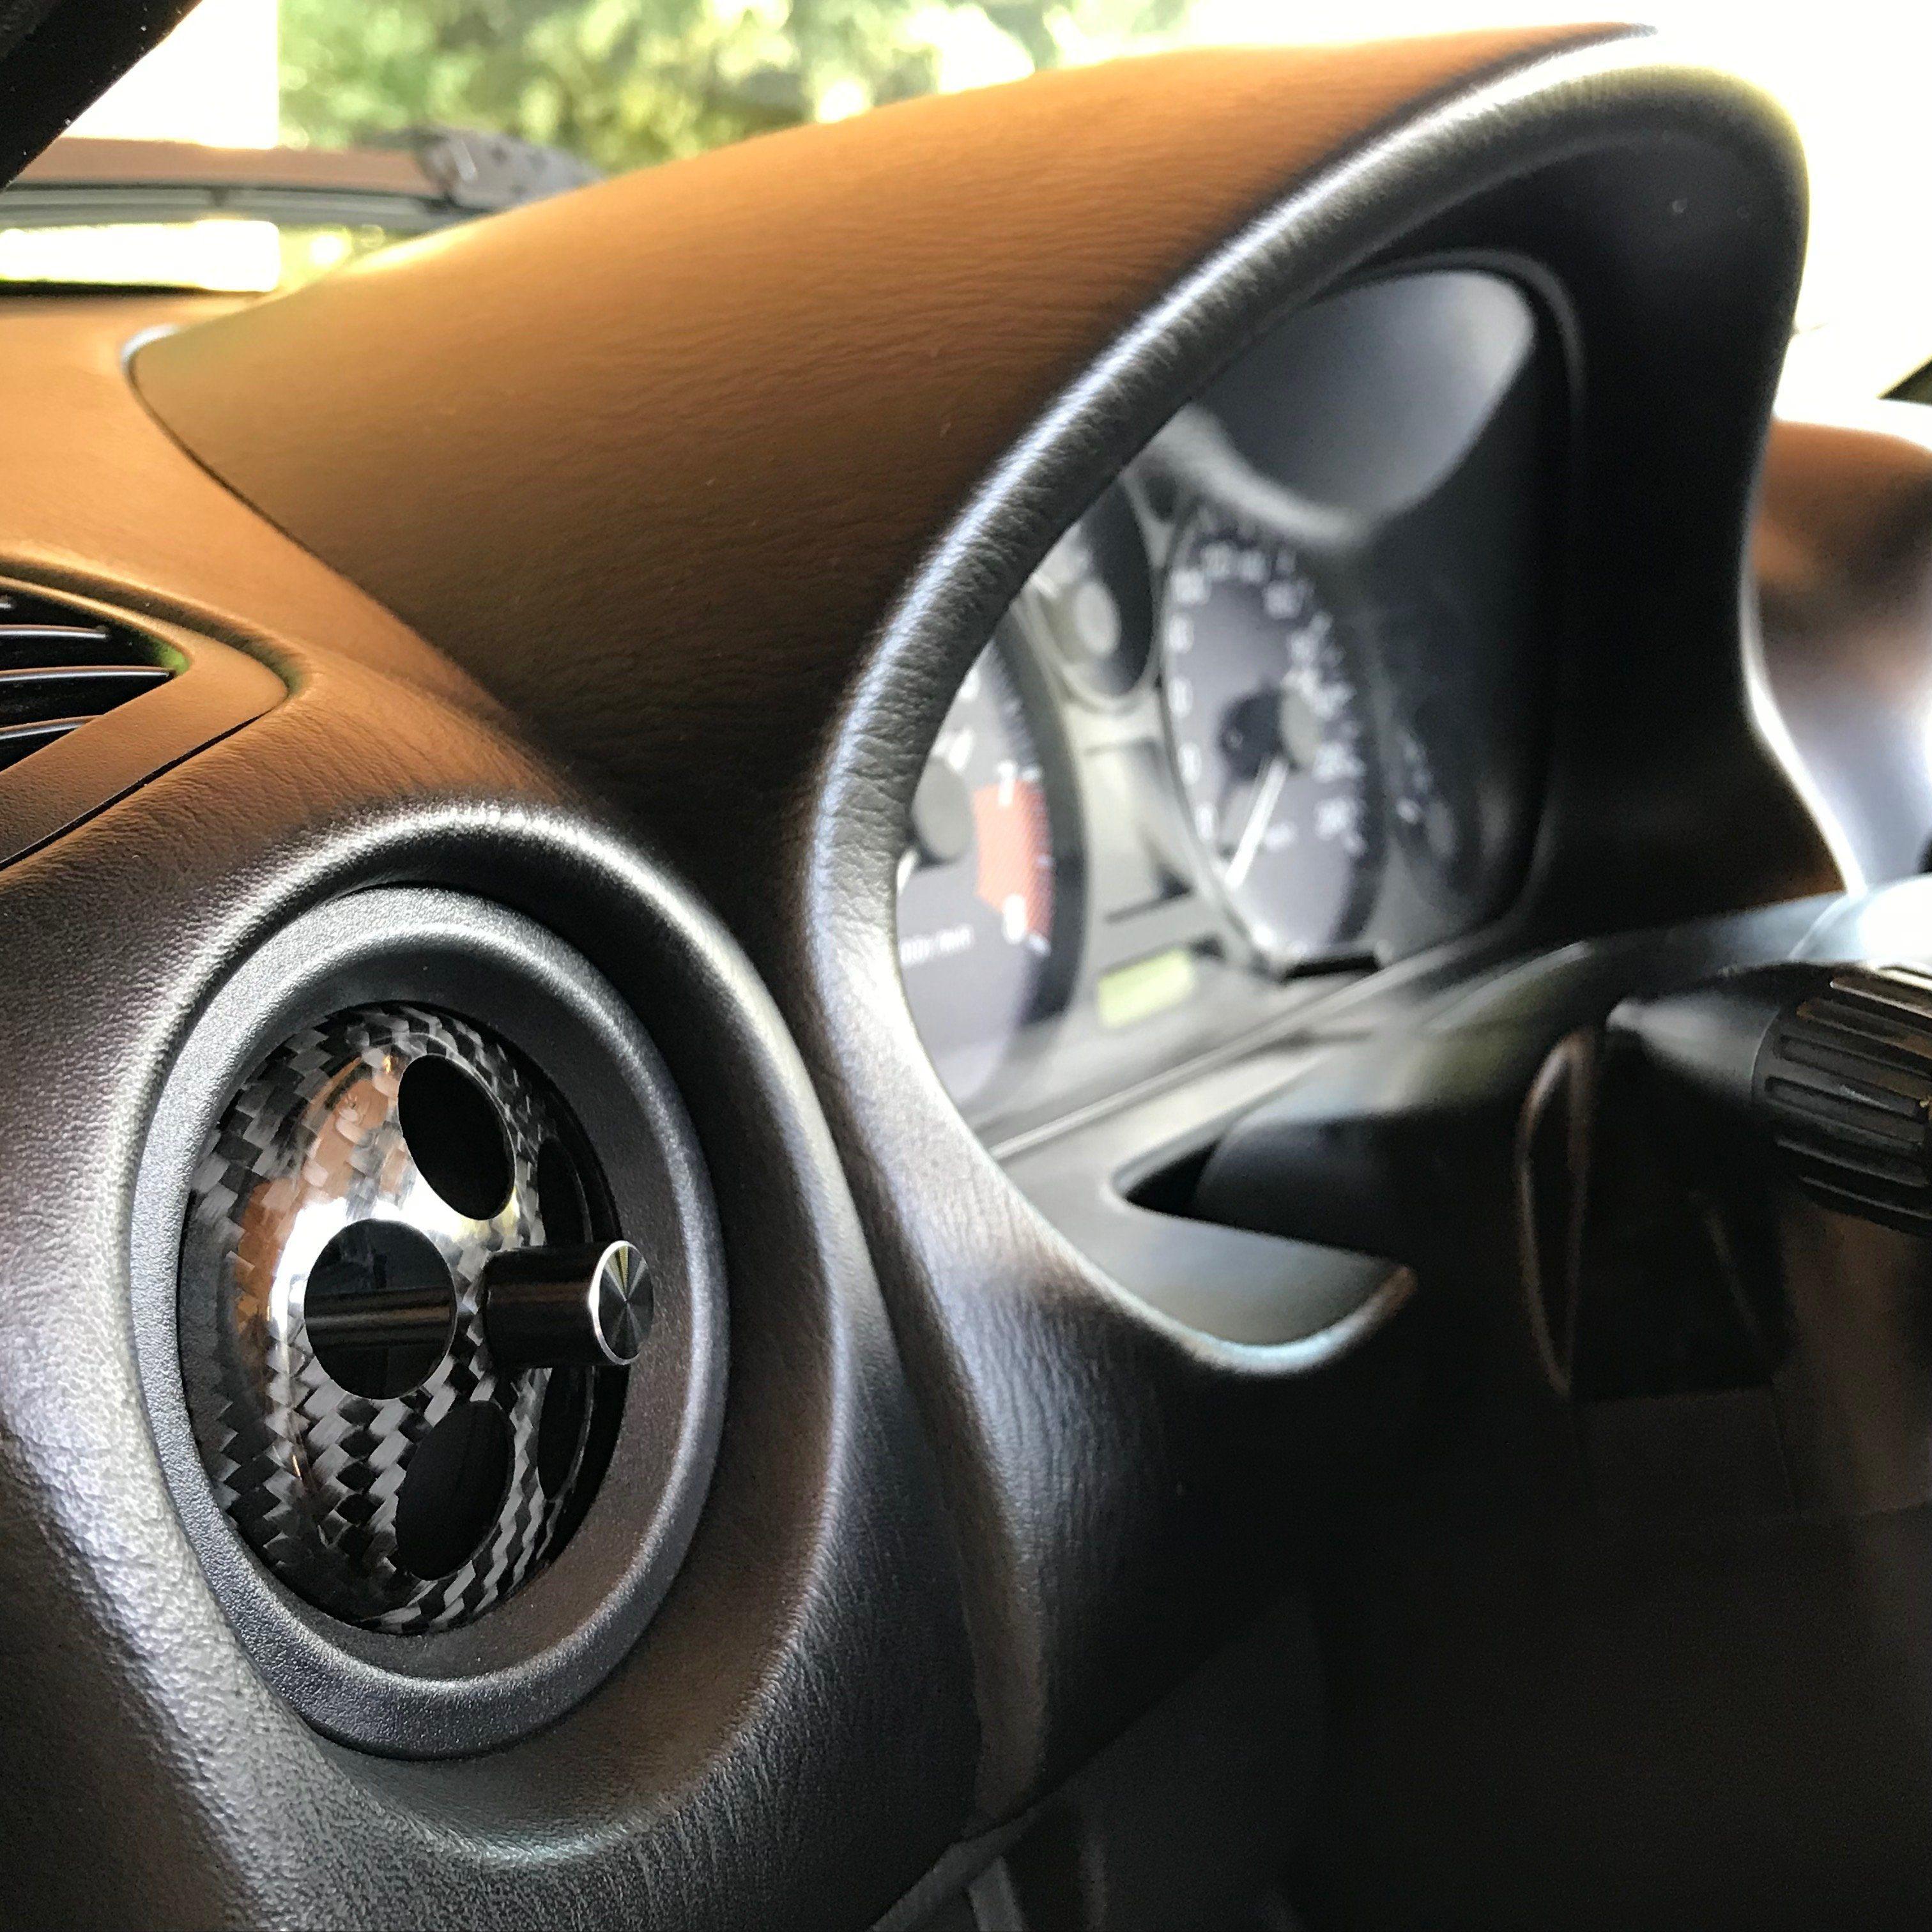 Cool Air Vents Miata Mazda Mx5 Carbon Fiber